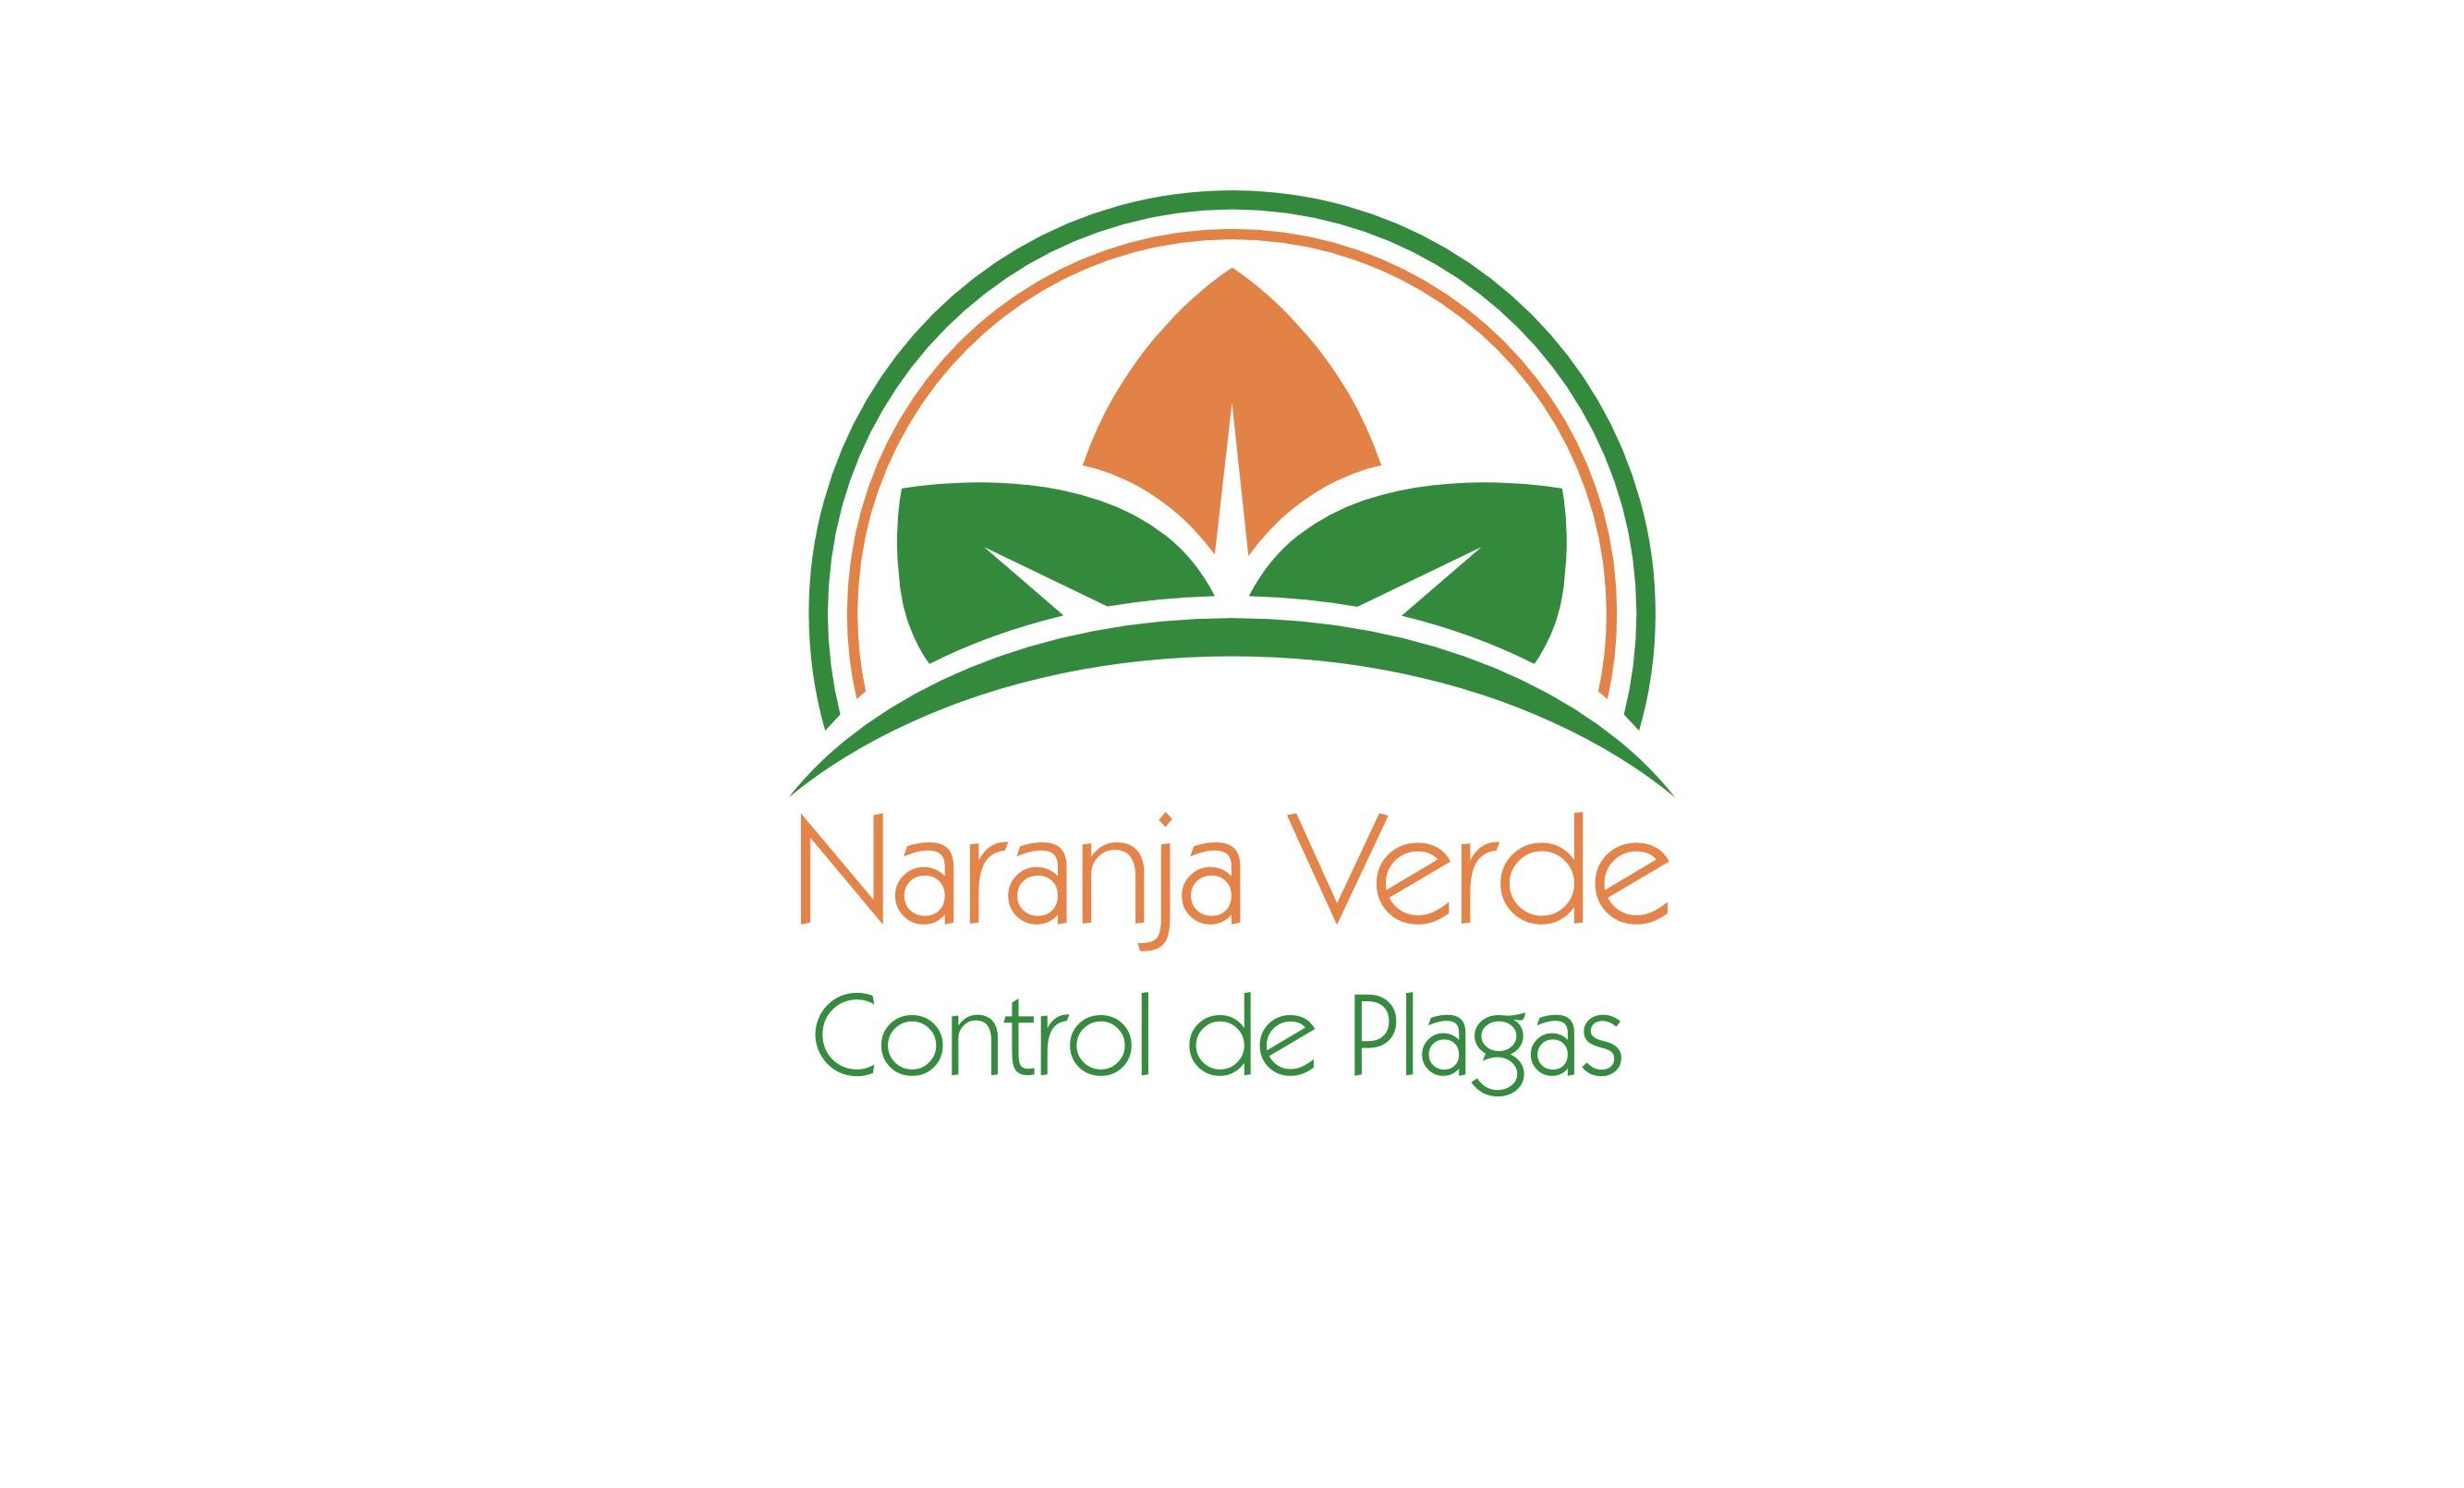 Naranja Verde Control De Plagas